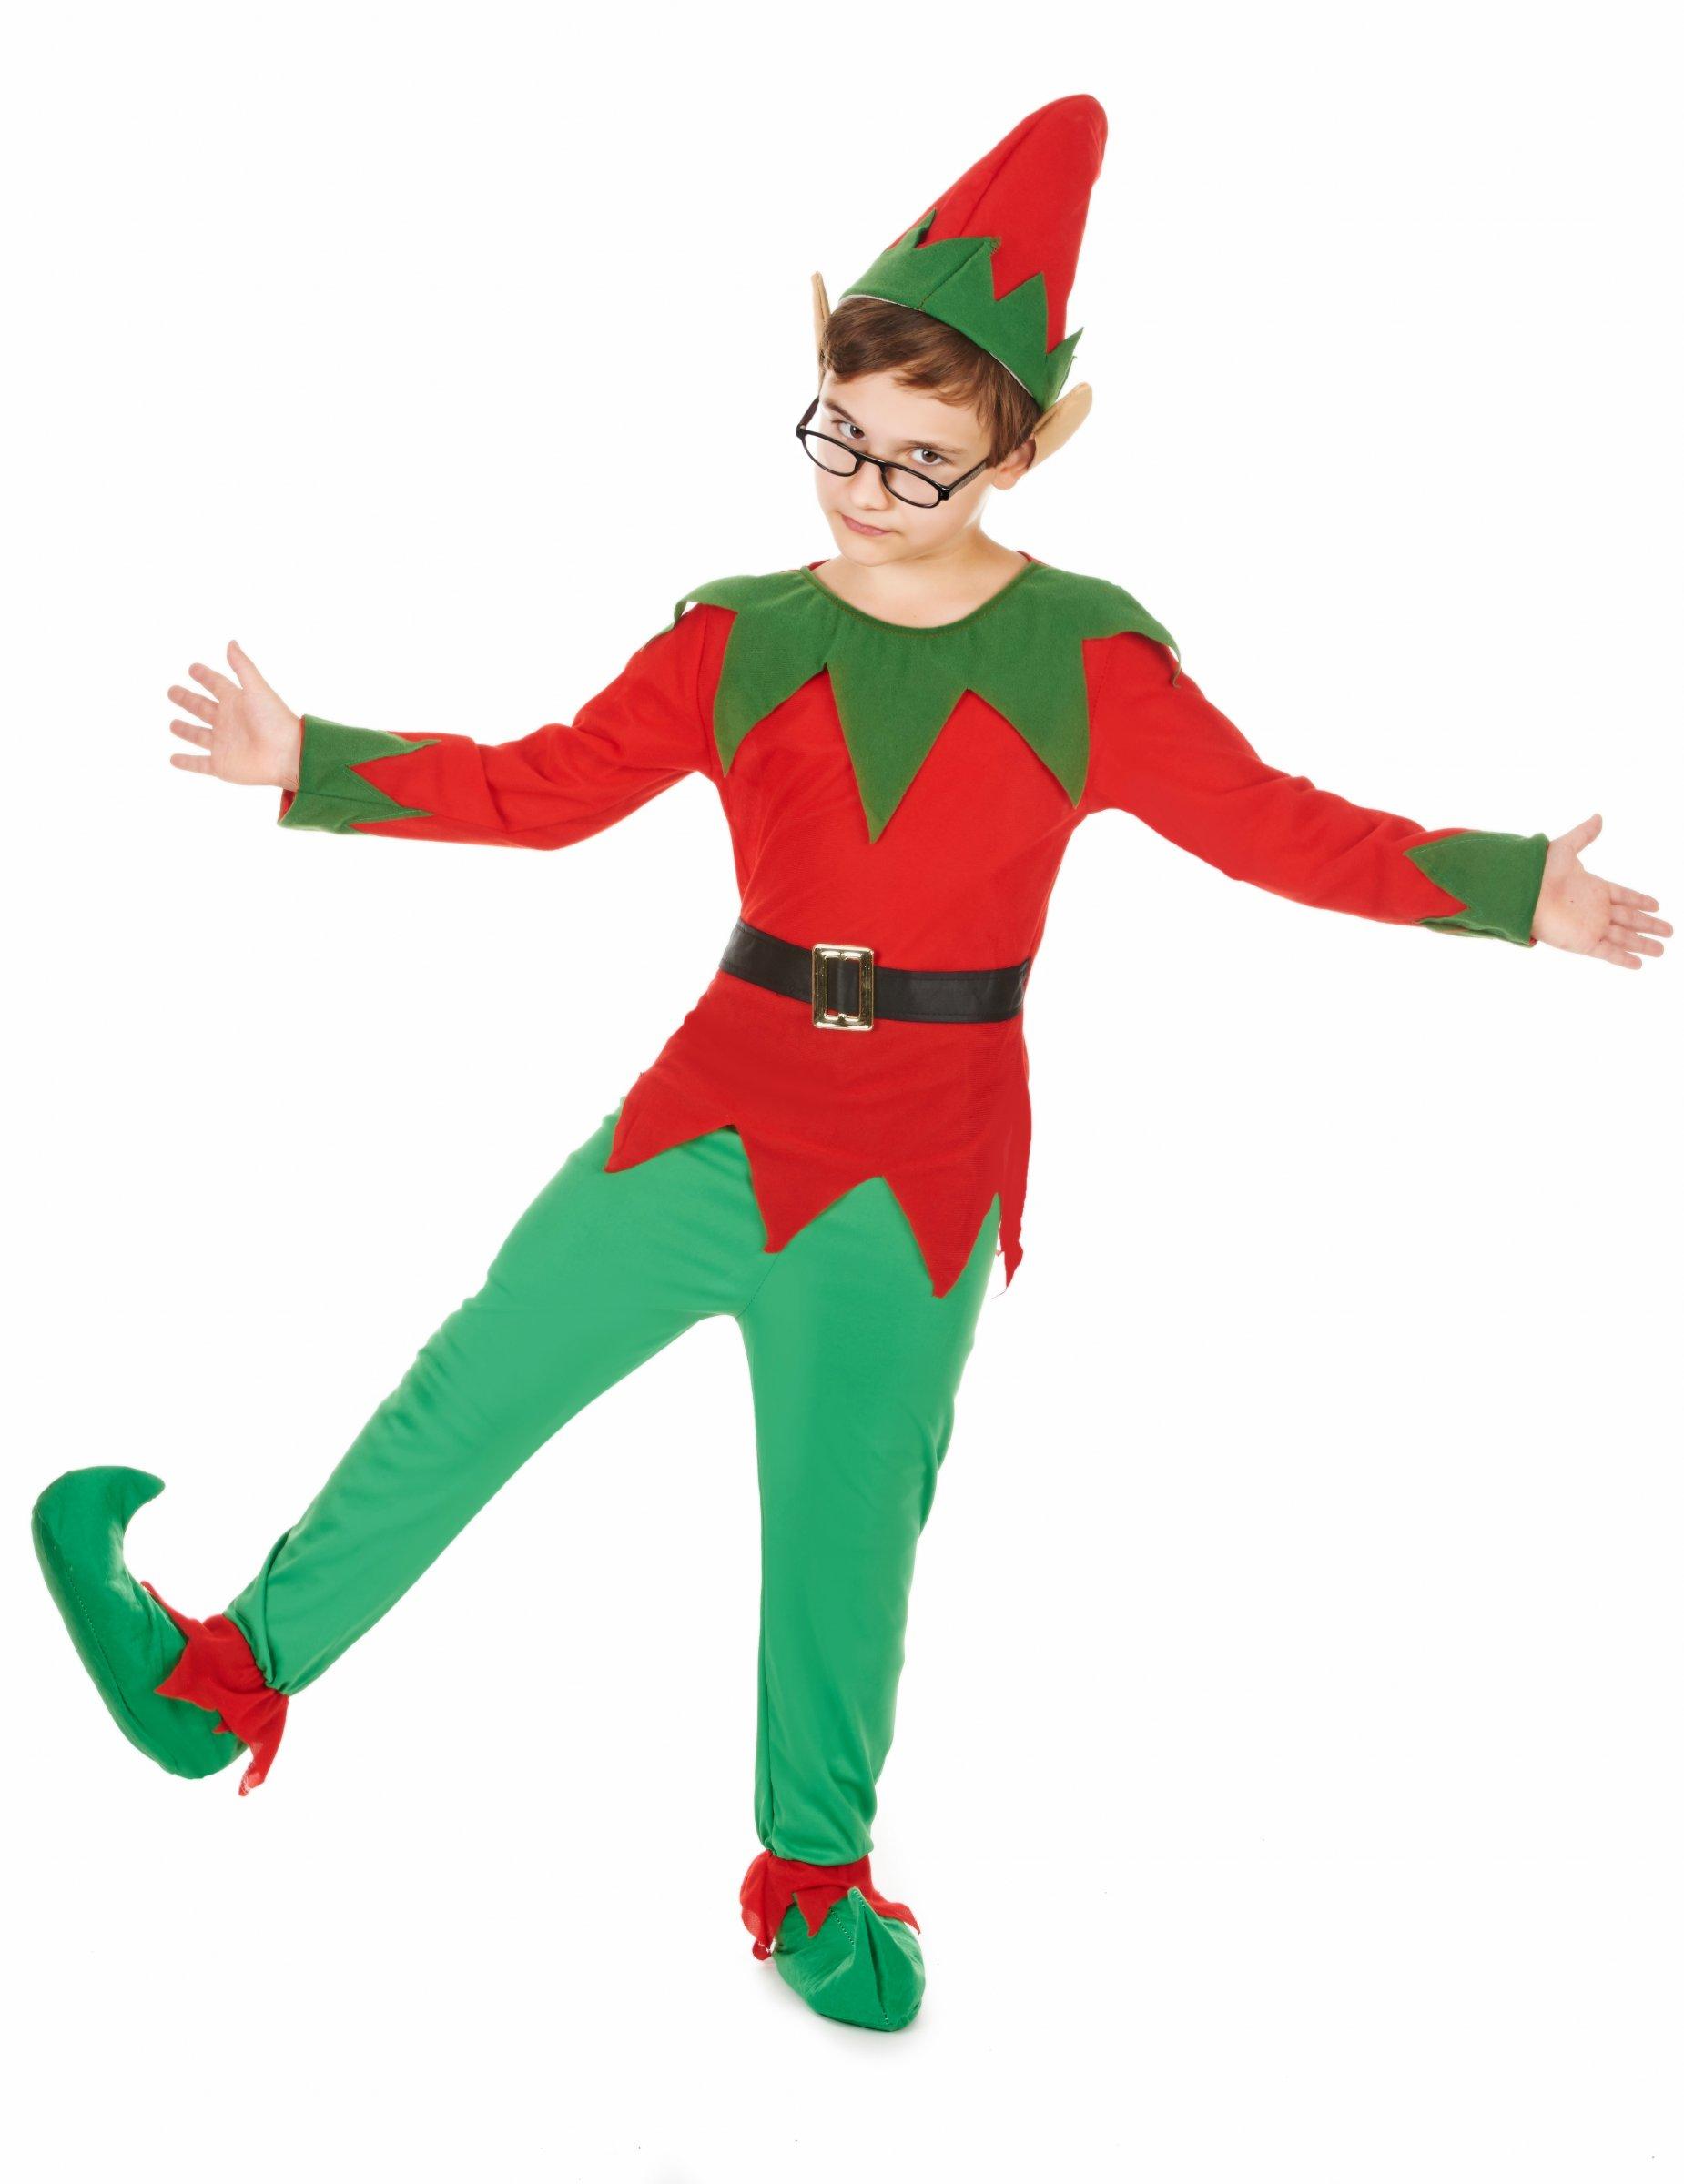 Kerst Elf Kostuum En Andere Leuke Kerst Kostuums Voor Kinderen